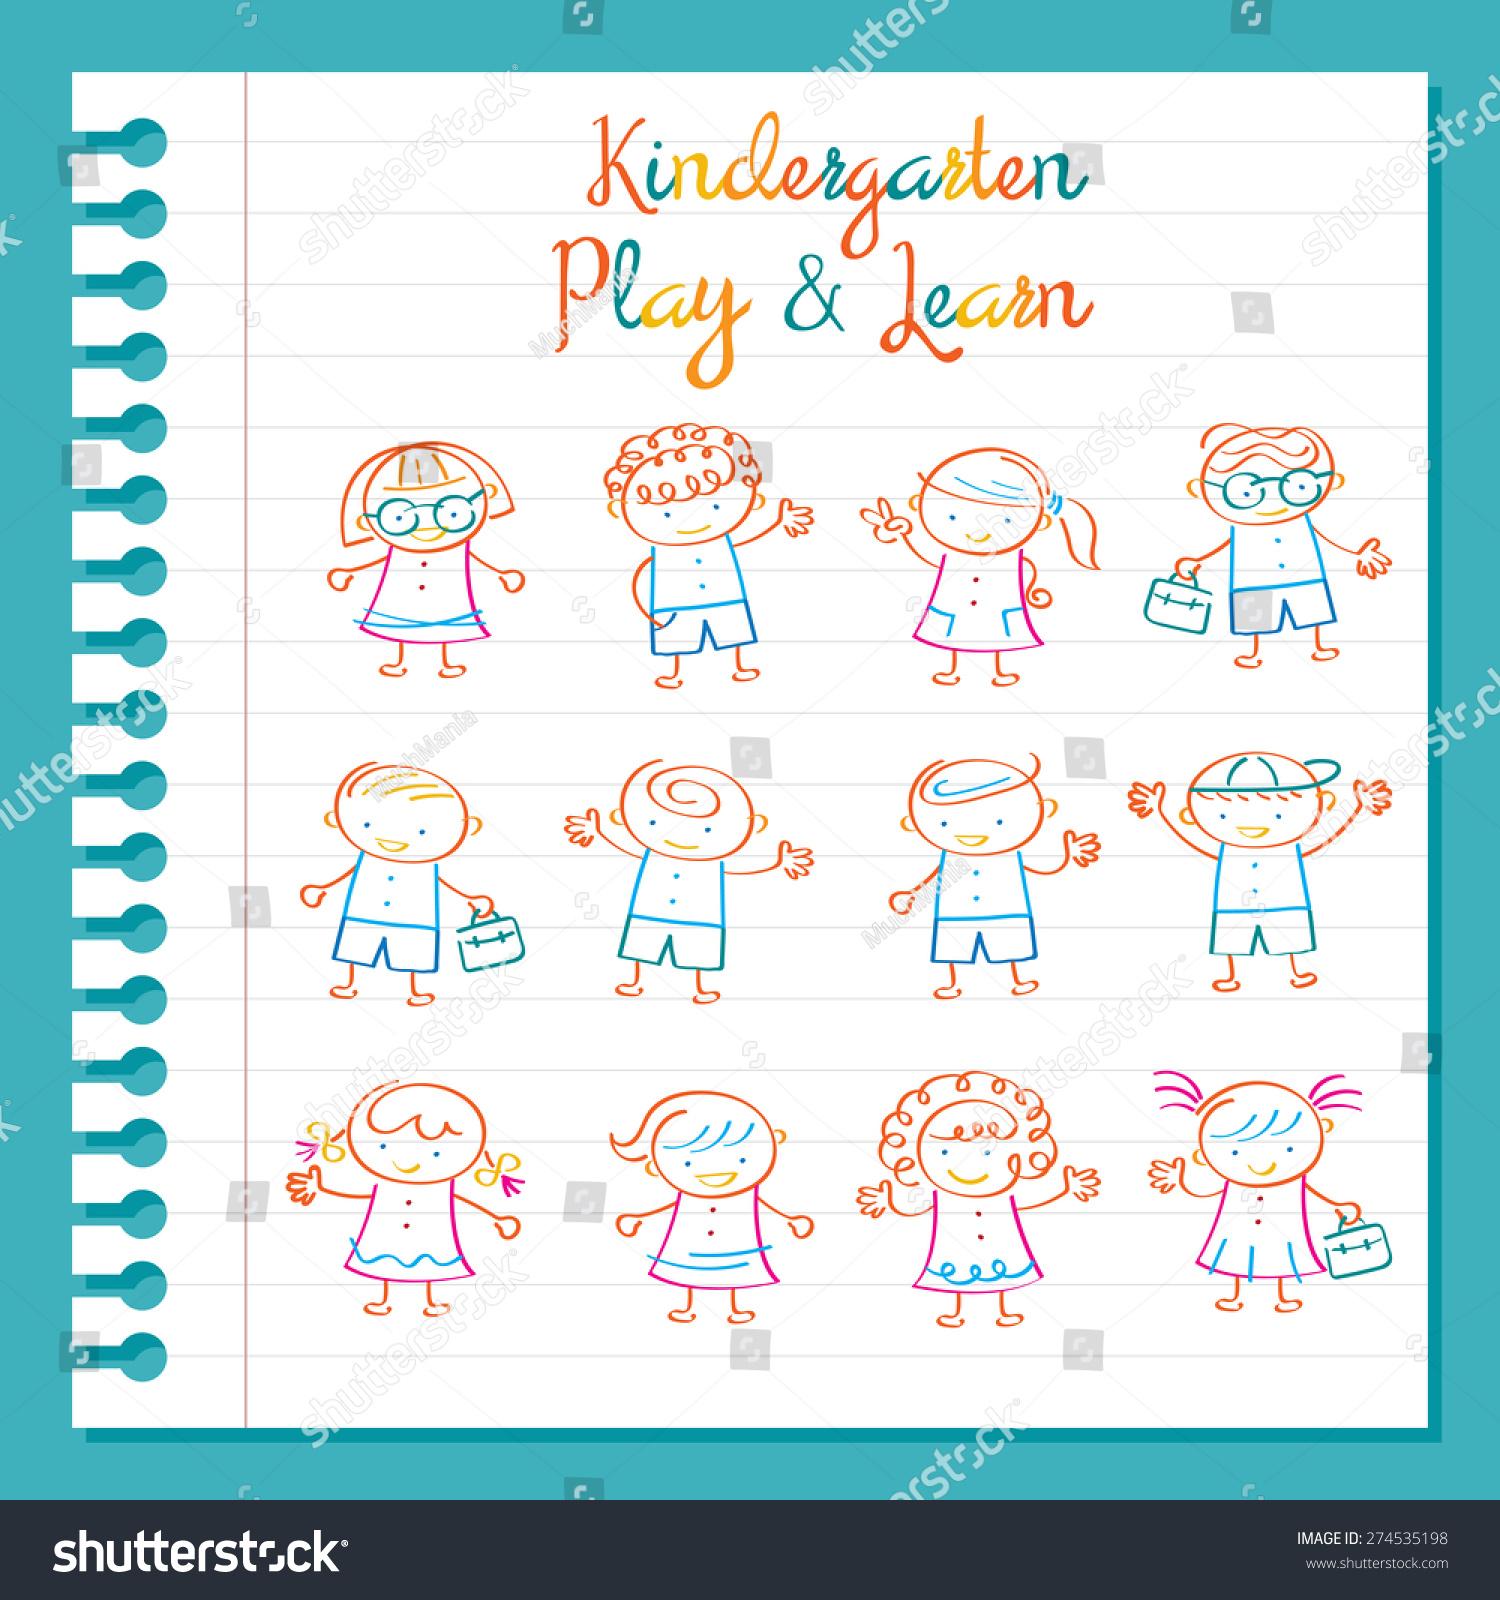 Drawing Lines Kindergarten : Kindergarten line drawing kids characters set magic